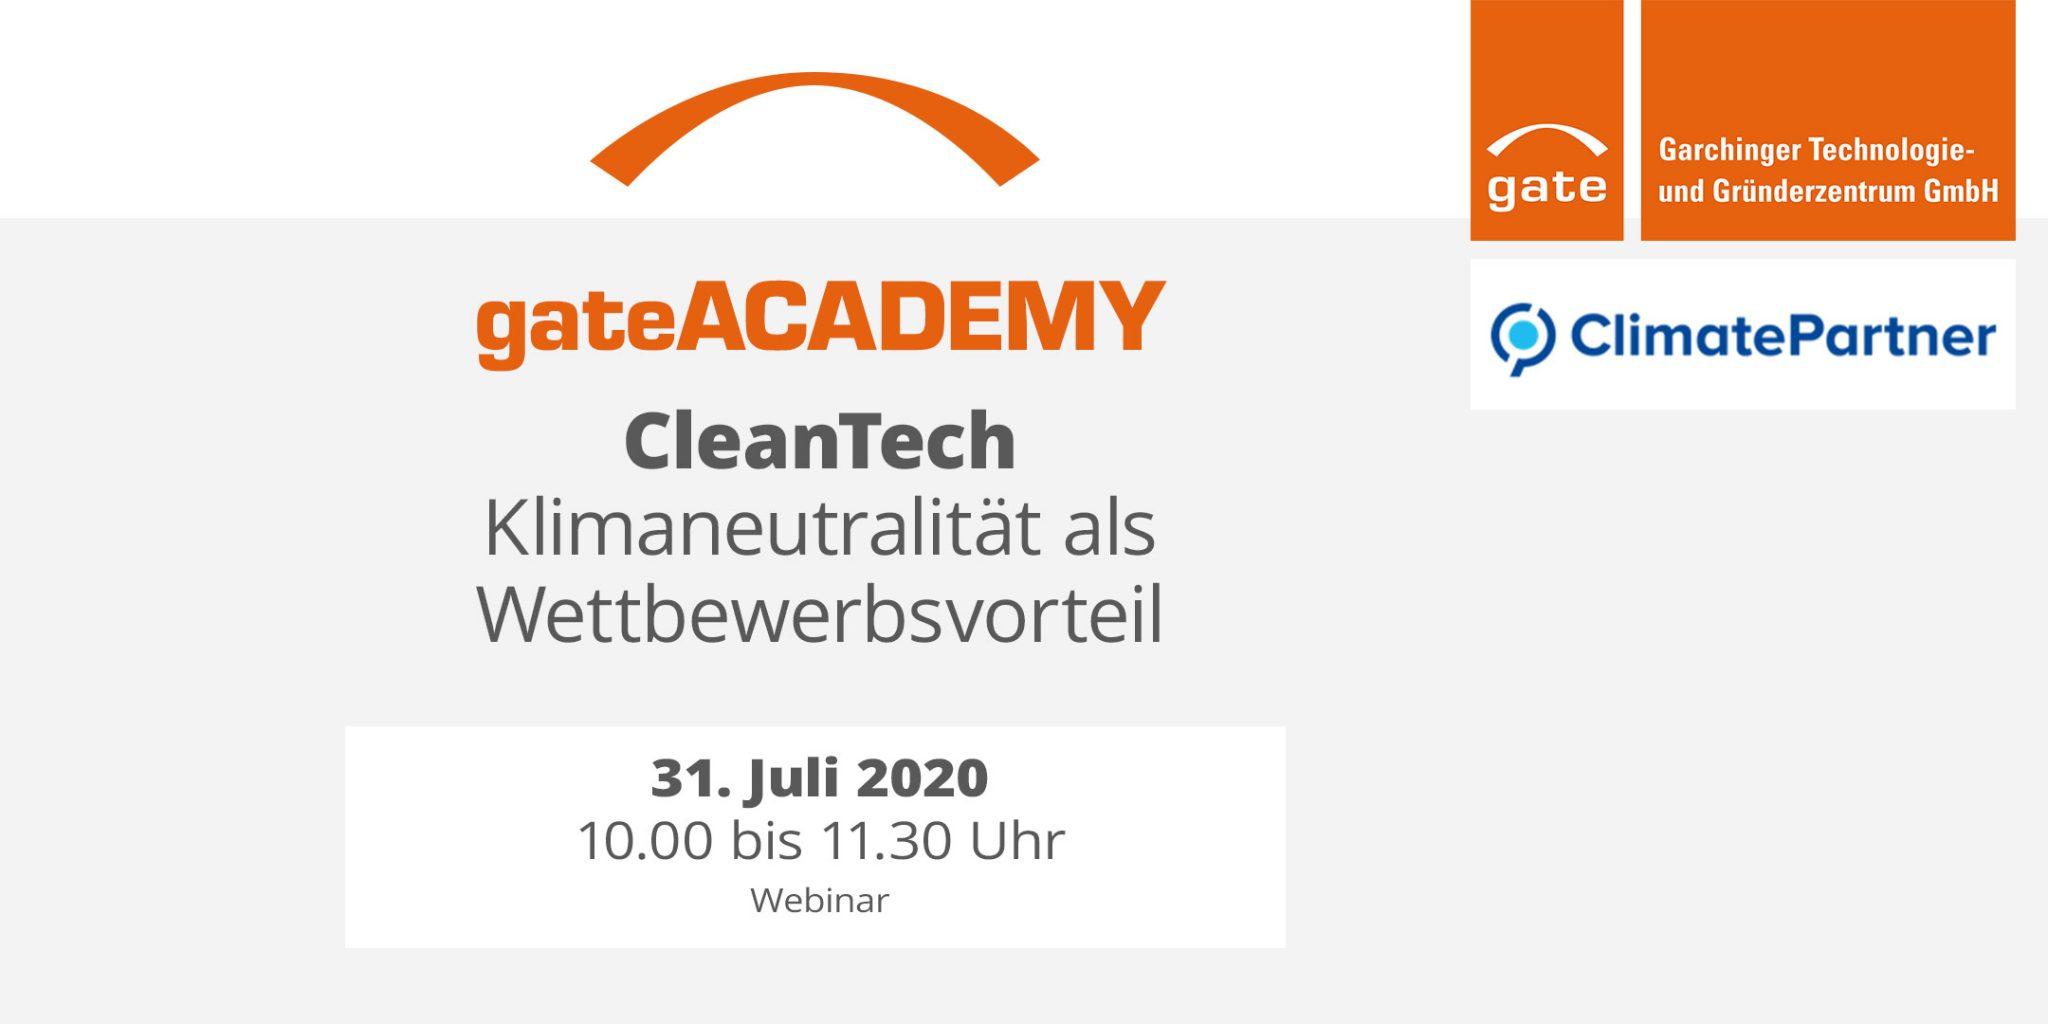 CleanTech-gateACADEMY-013-Header_2160x1080_3-2048×1024